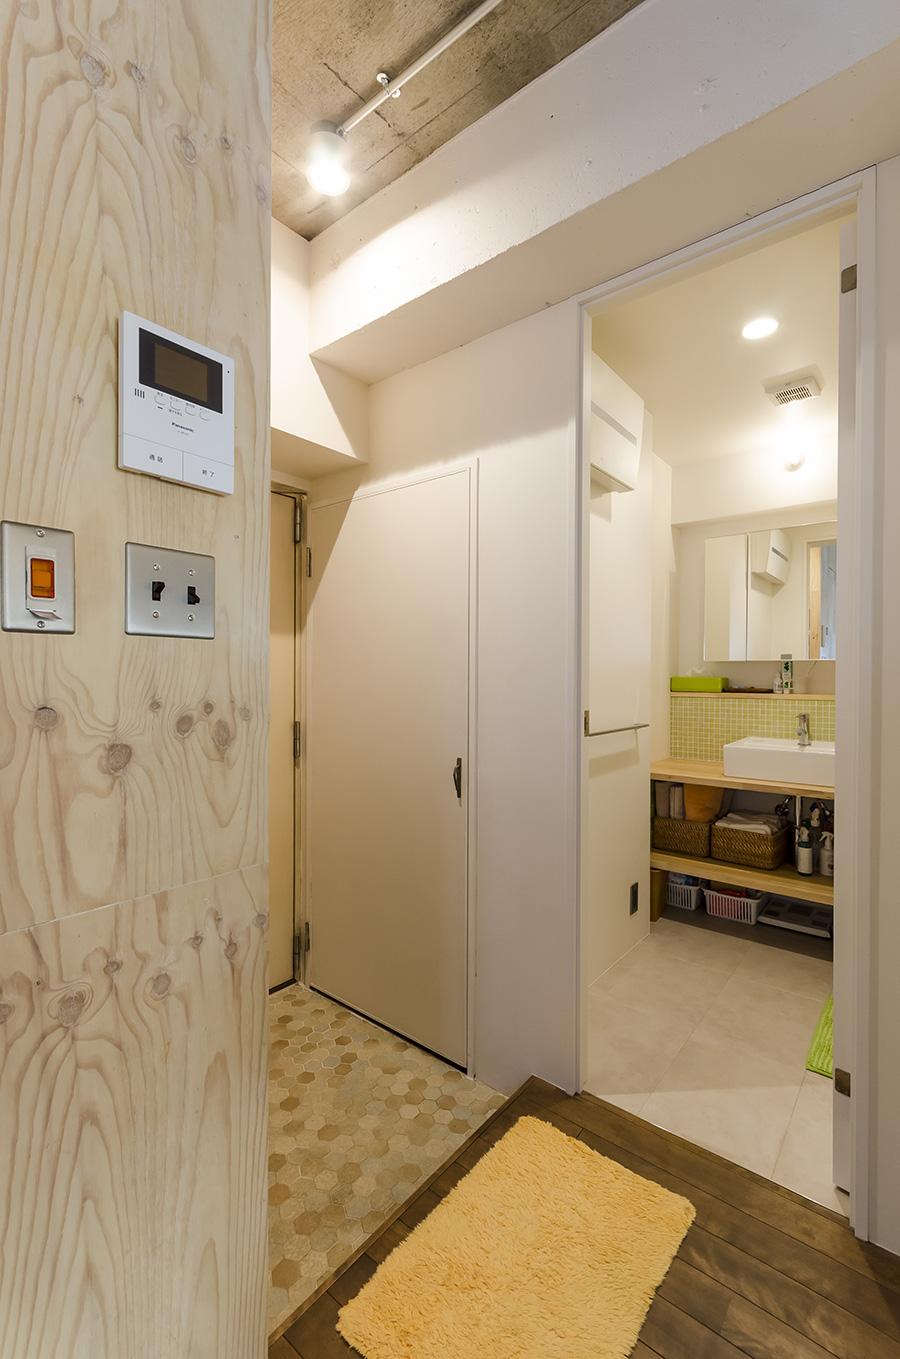 玄関の六角形のタイルと床の無垢材の組み合わせで迎えられる玄関。左手は洗面と浴室。